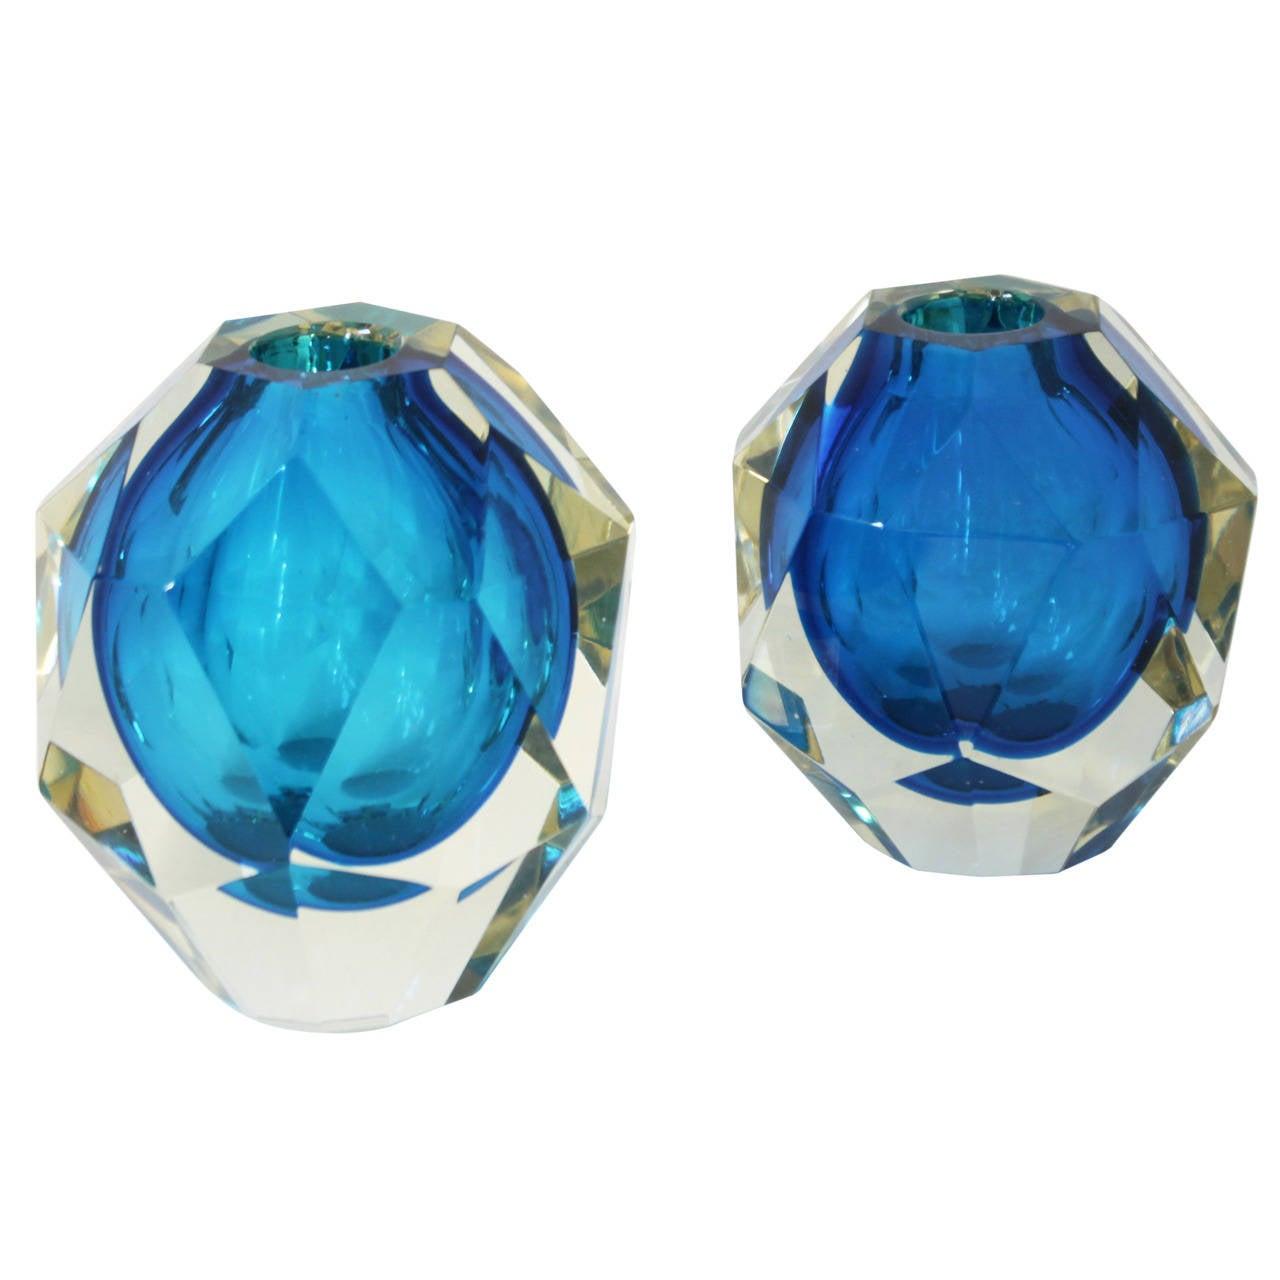 Pair of Blue Murano Facet Diamond Vases